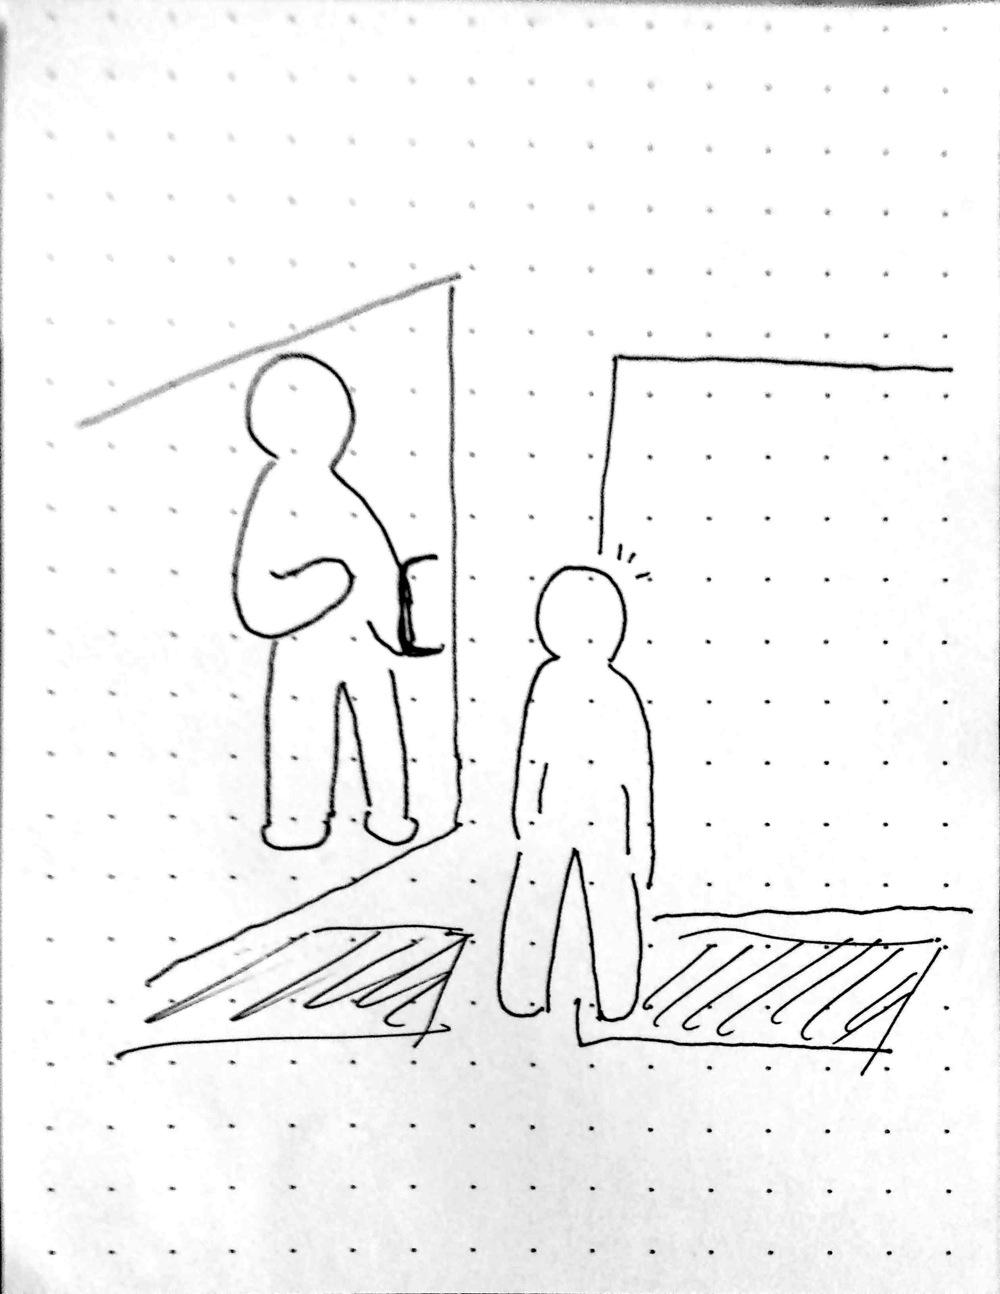 昨日(7/5)あったほっこりしたことを絵で描いてみたー大好評「描いてみたシリーズ」第2弾